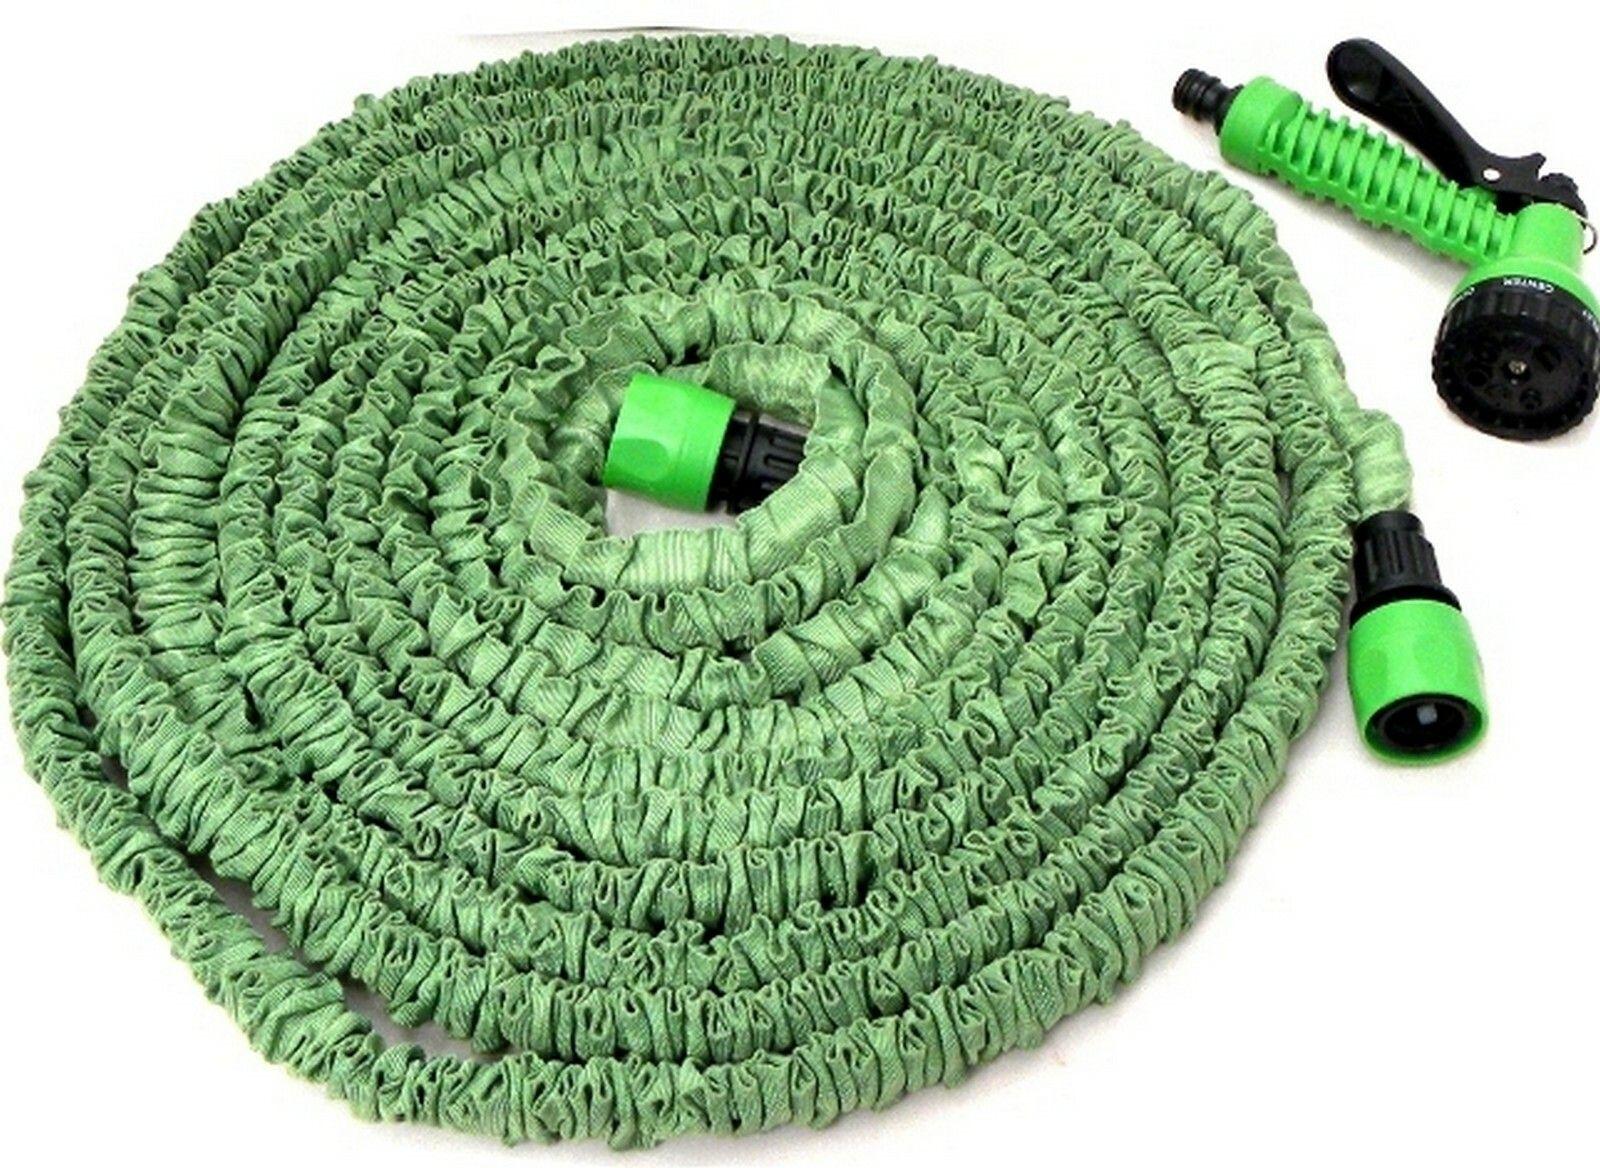 Zahradní hadice smršťovací, 7,5m-22,5m,7 funkcí, GEKO